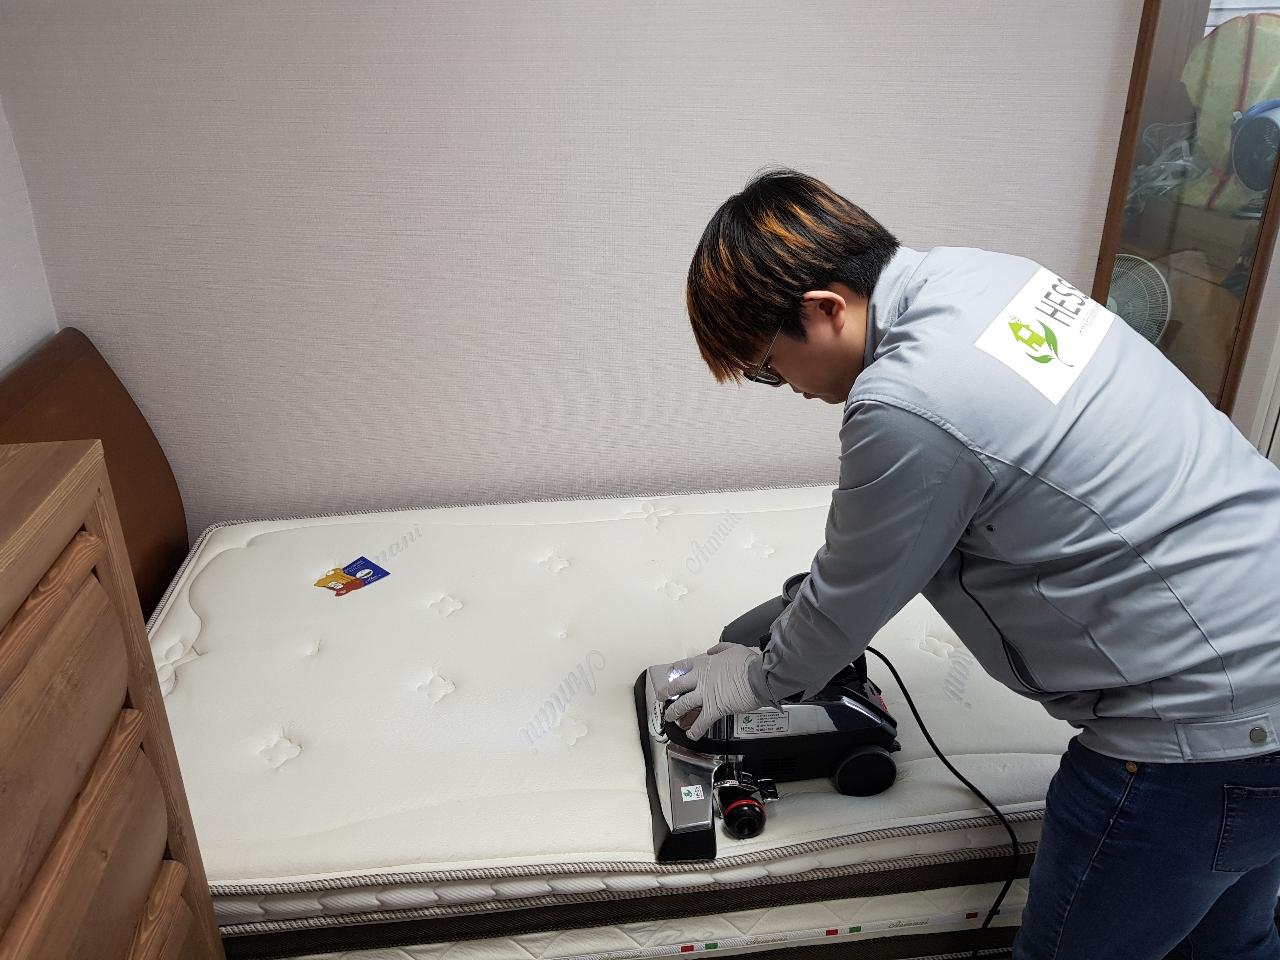 침대 매트리스 완전 깔끔 청소 ㆍ세탁기ㆍ냉장고ㆍ가습기ㆍ에어컨 ㆍ후드 케어ㆍ라돈 등 24종실내환경 측정